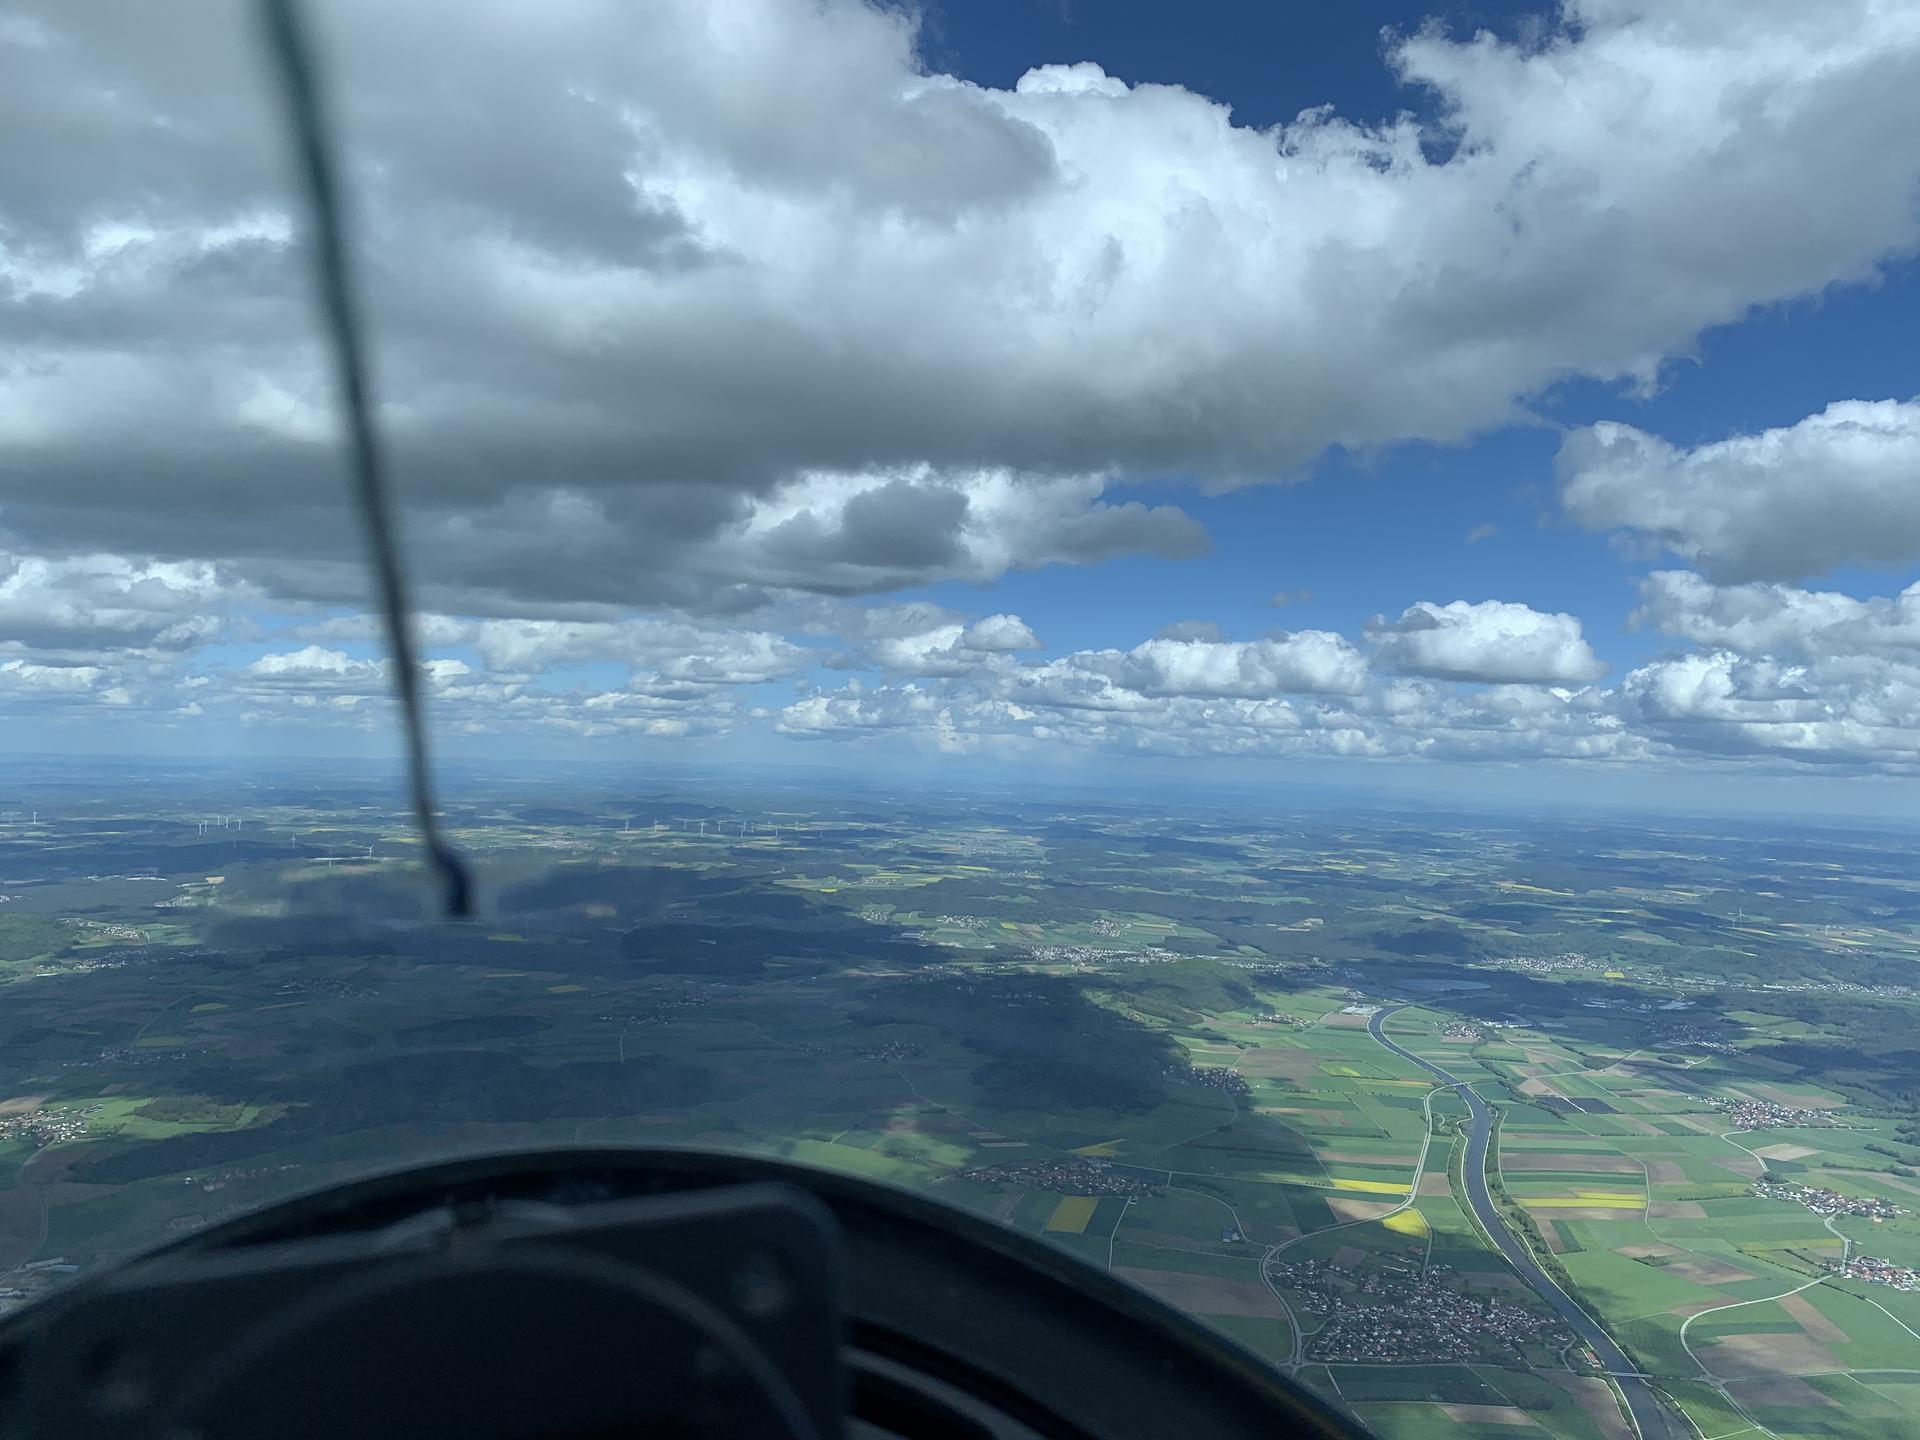 Rückweg mit über 40 km/h Rückenwind, das könnte öfter sein